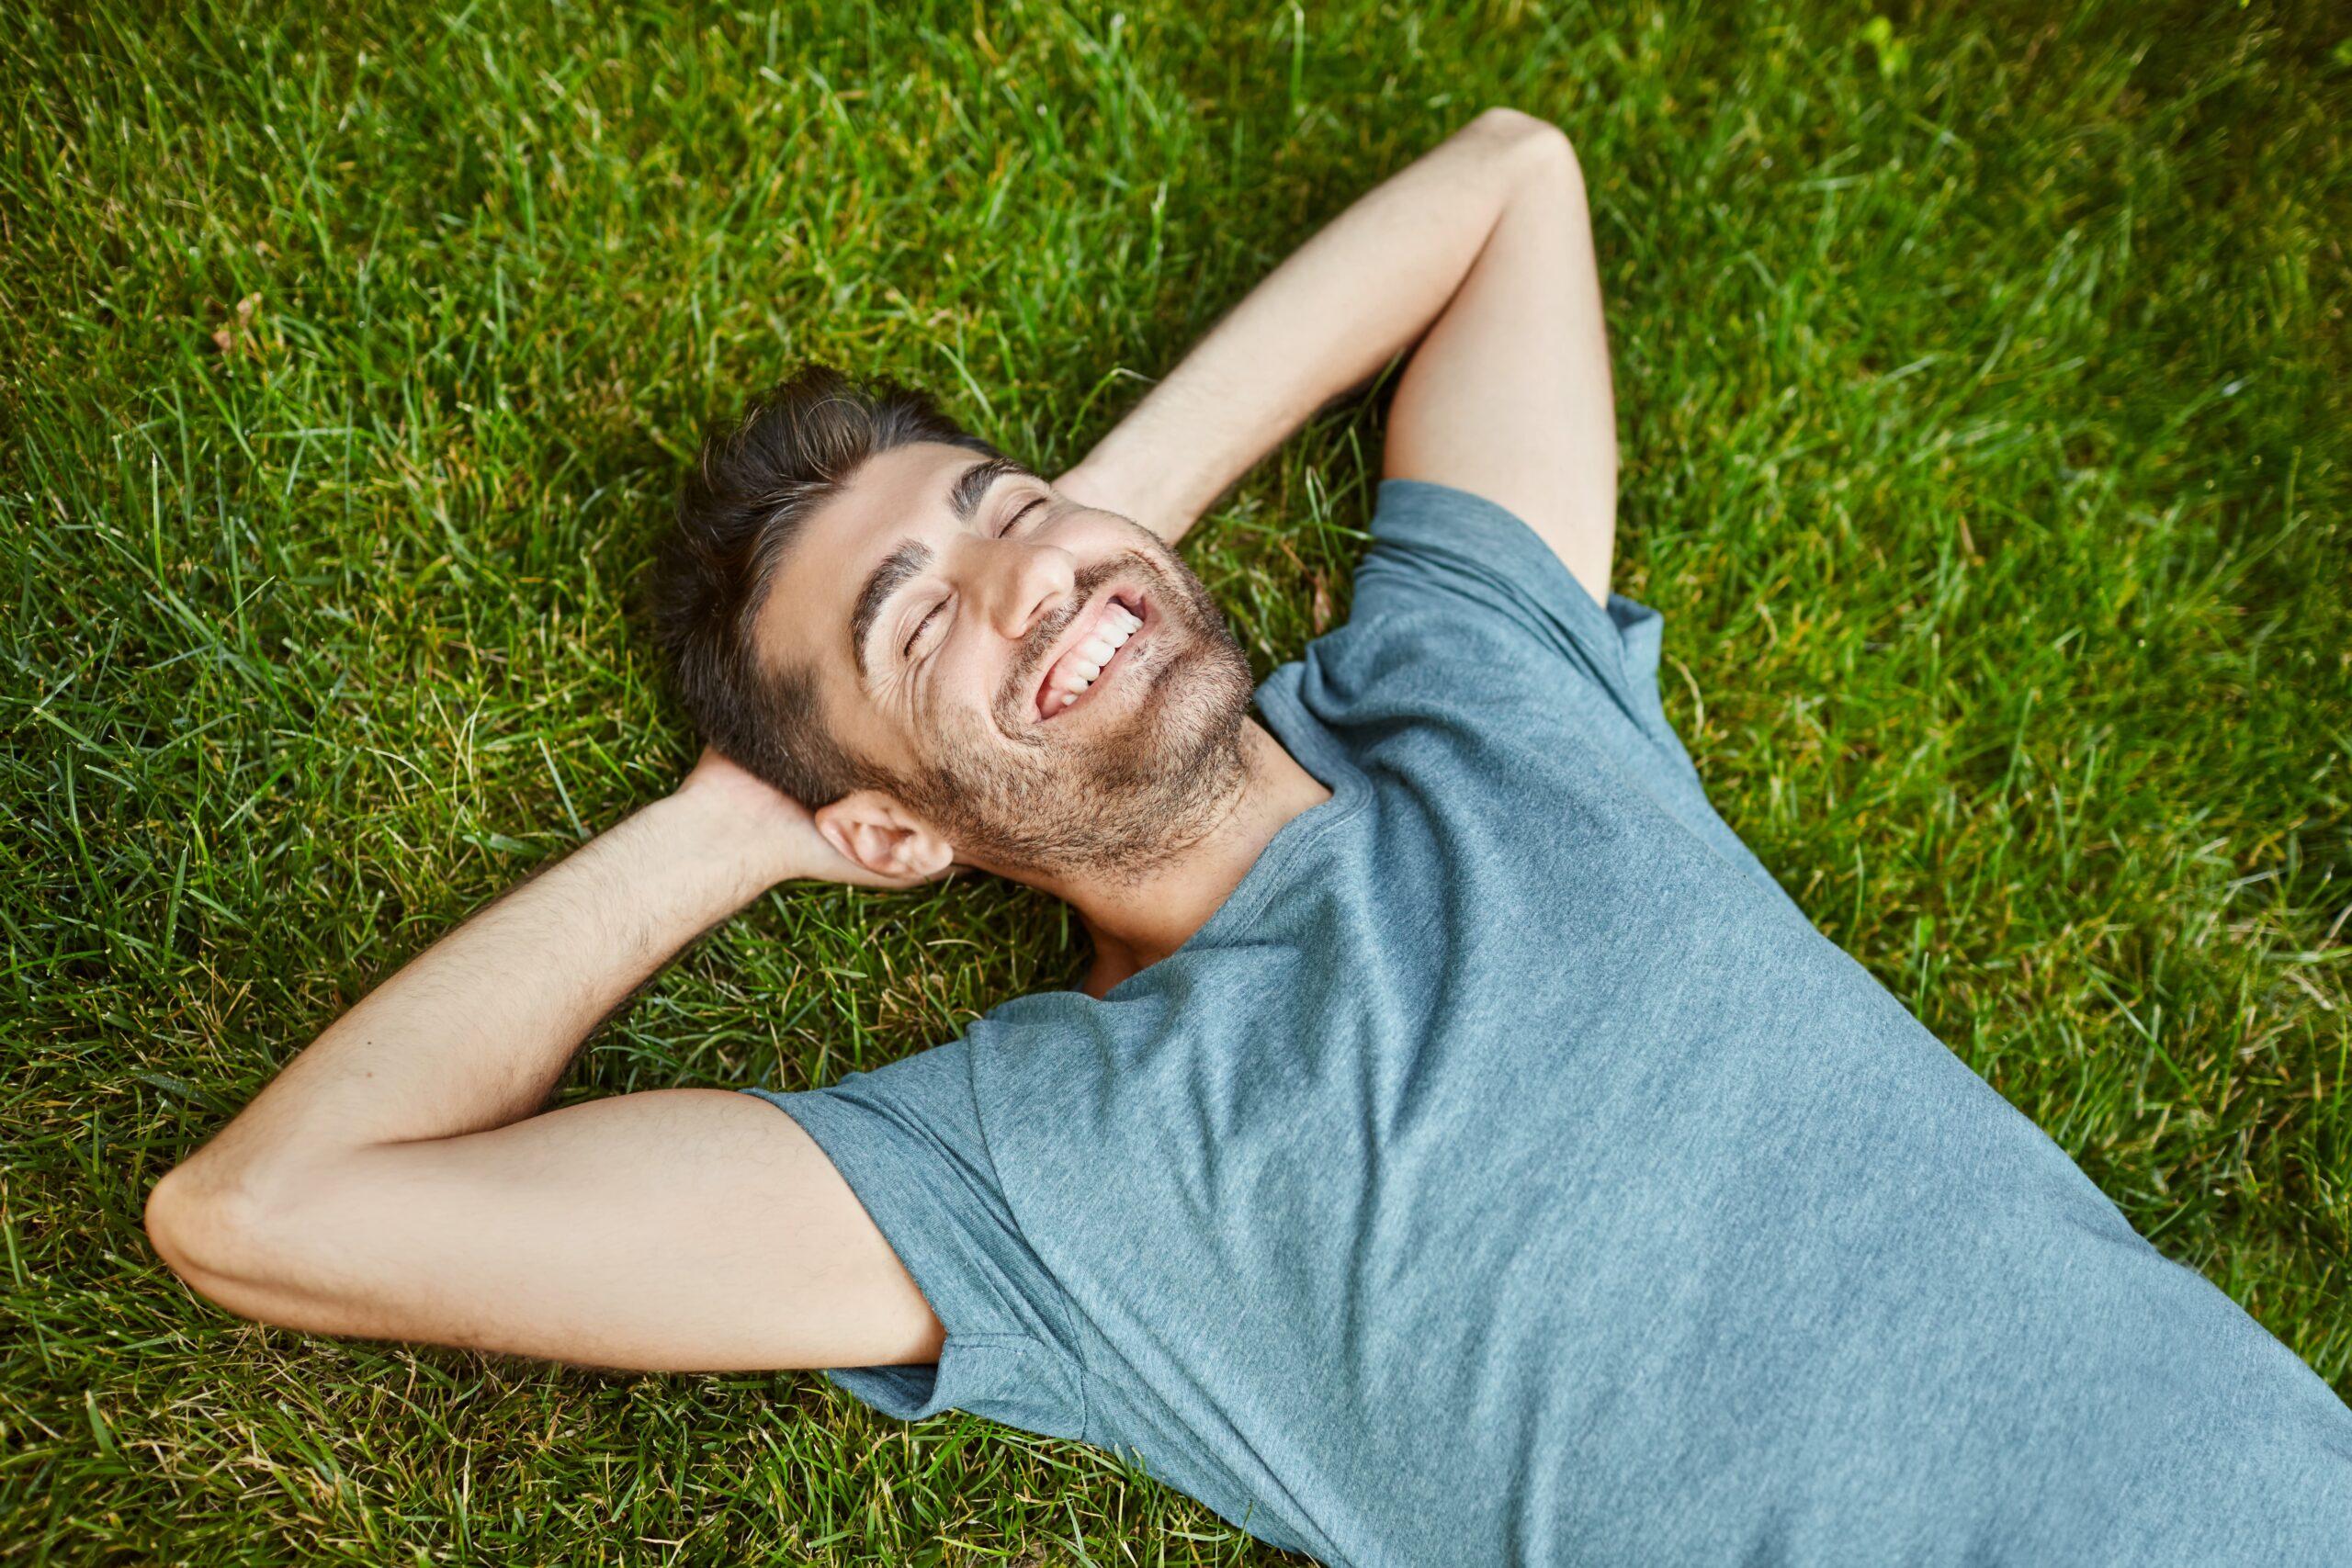 Homem deitado na grama e sorrindo para representar a importância dos cuidados com a saúde masculina